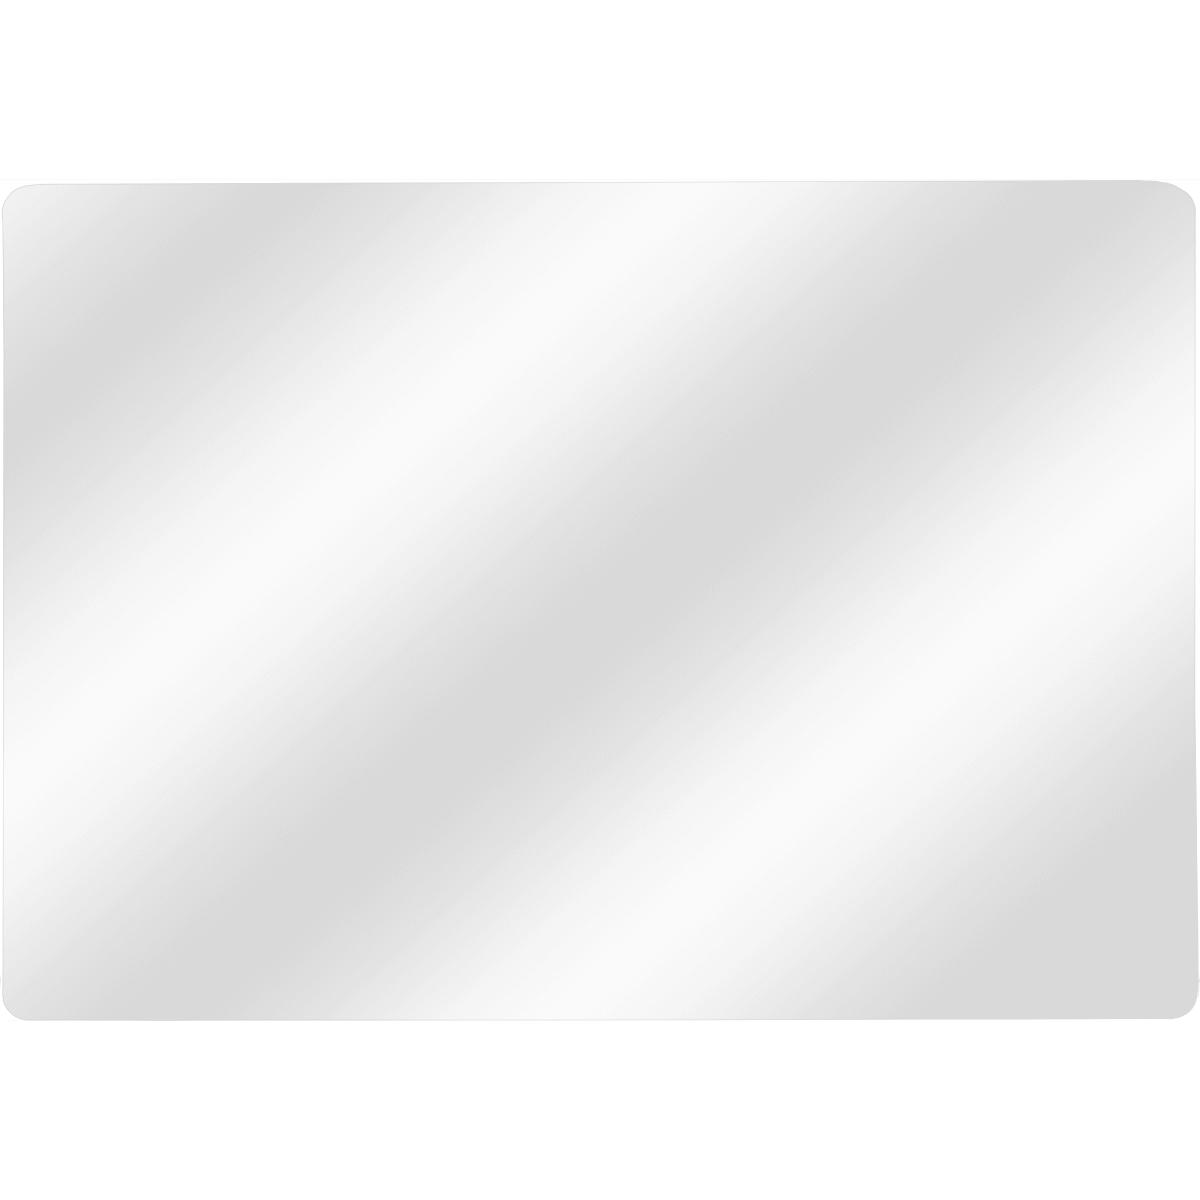 Коврик защитный для паркета и ламината 1.2х0.9 м